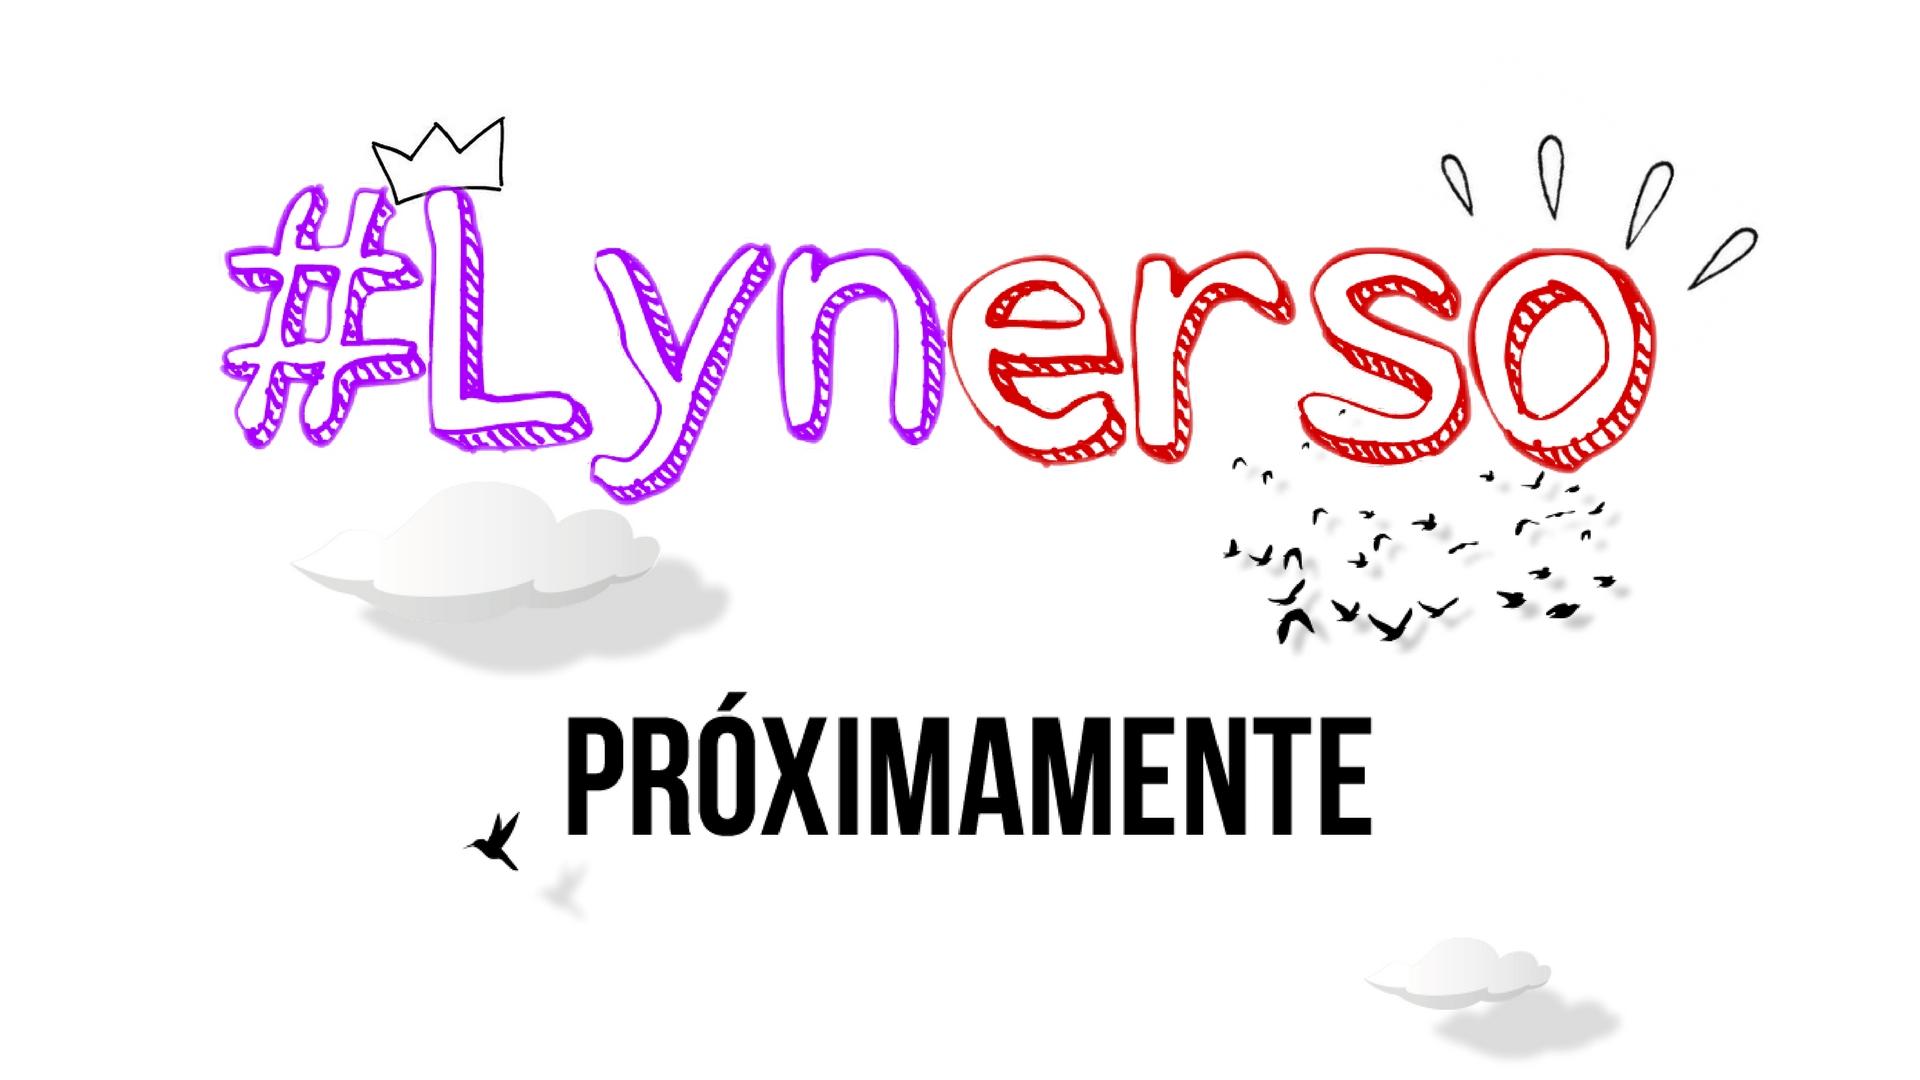 #Lynerso: El Juego (Episodio 1)